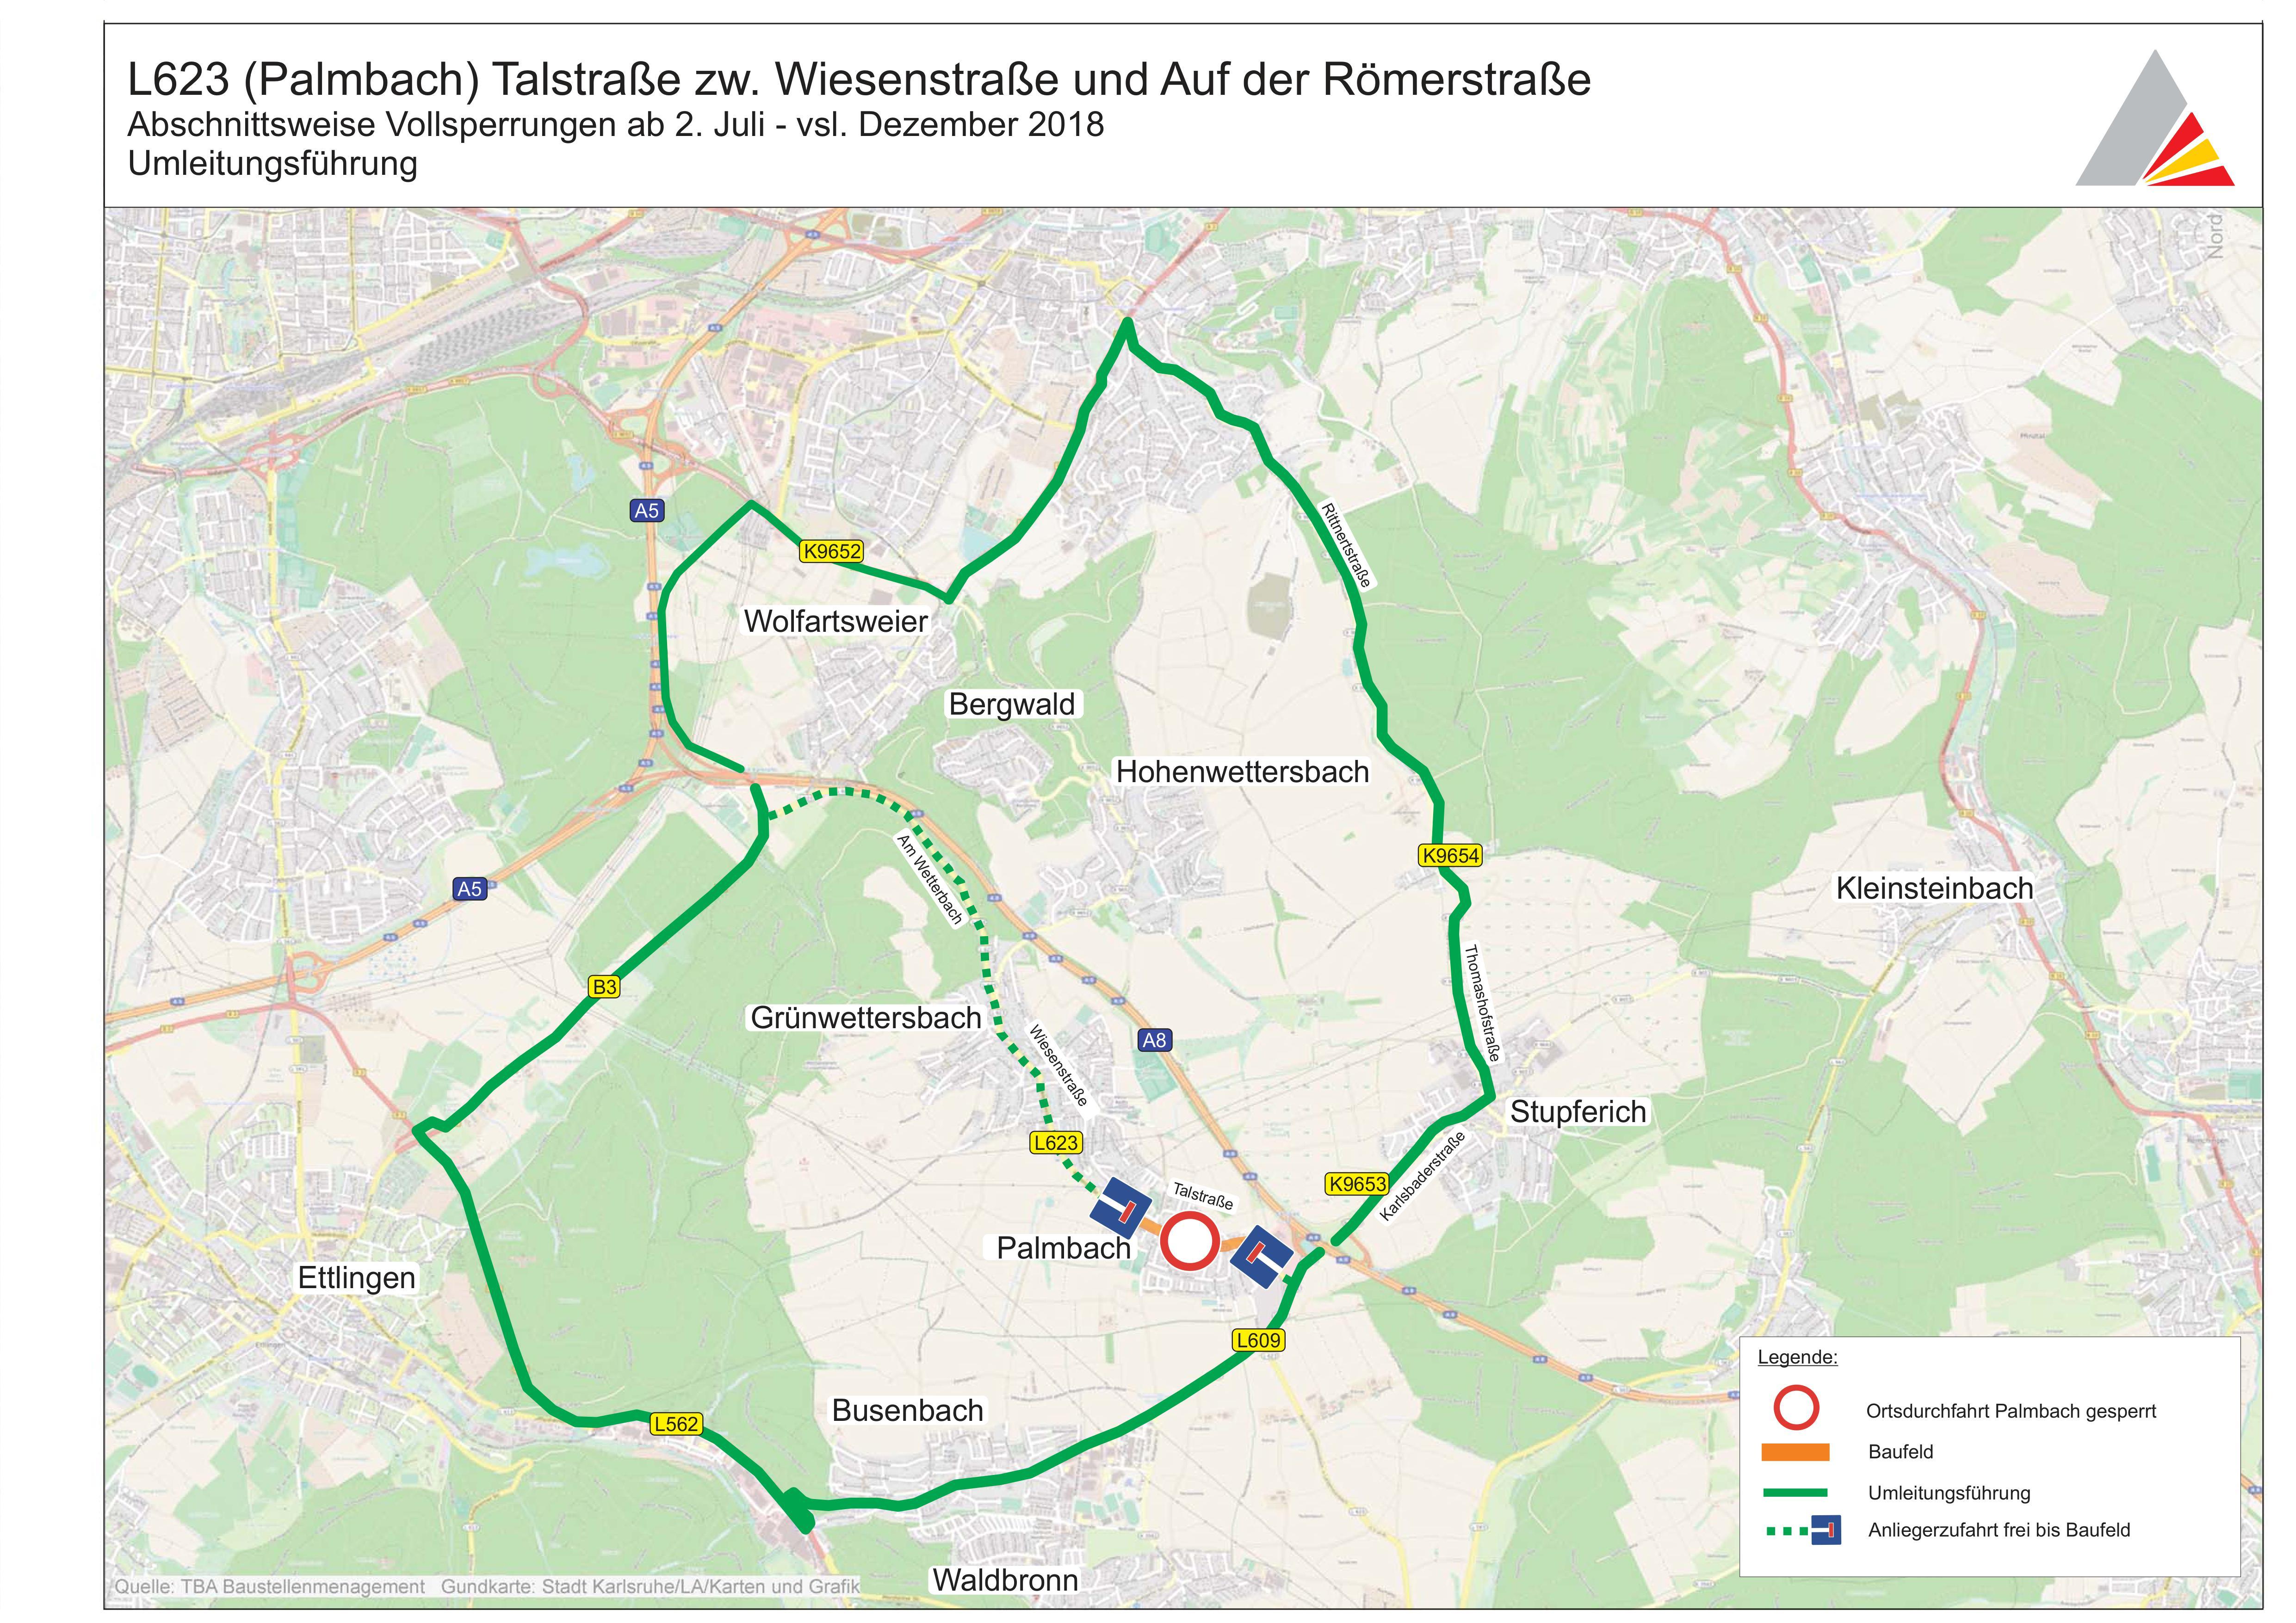 Überregionale Umleitung Karlsruhe - Palmbach